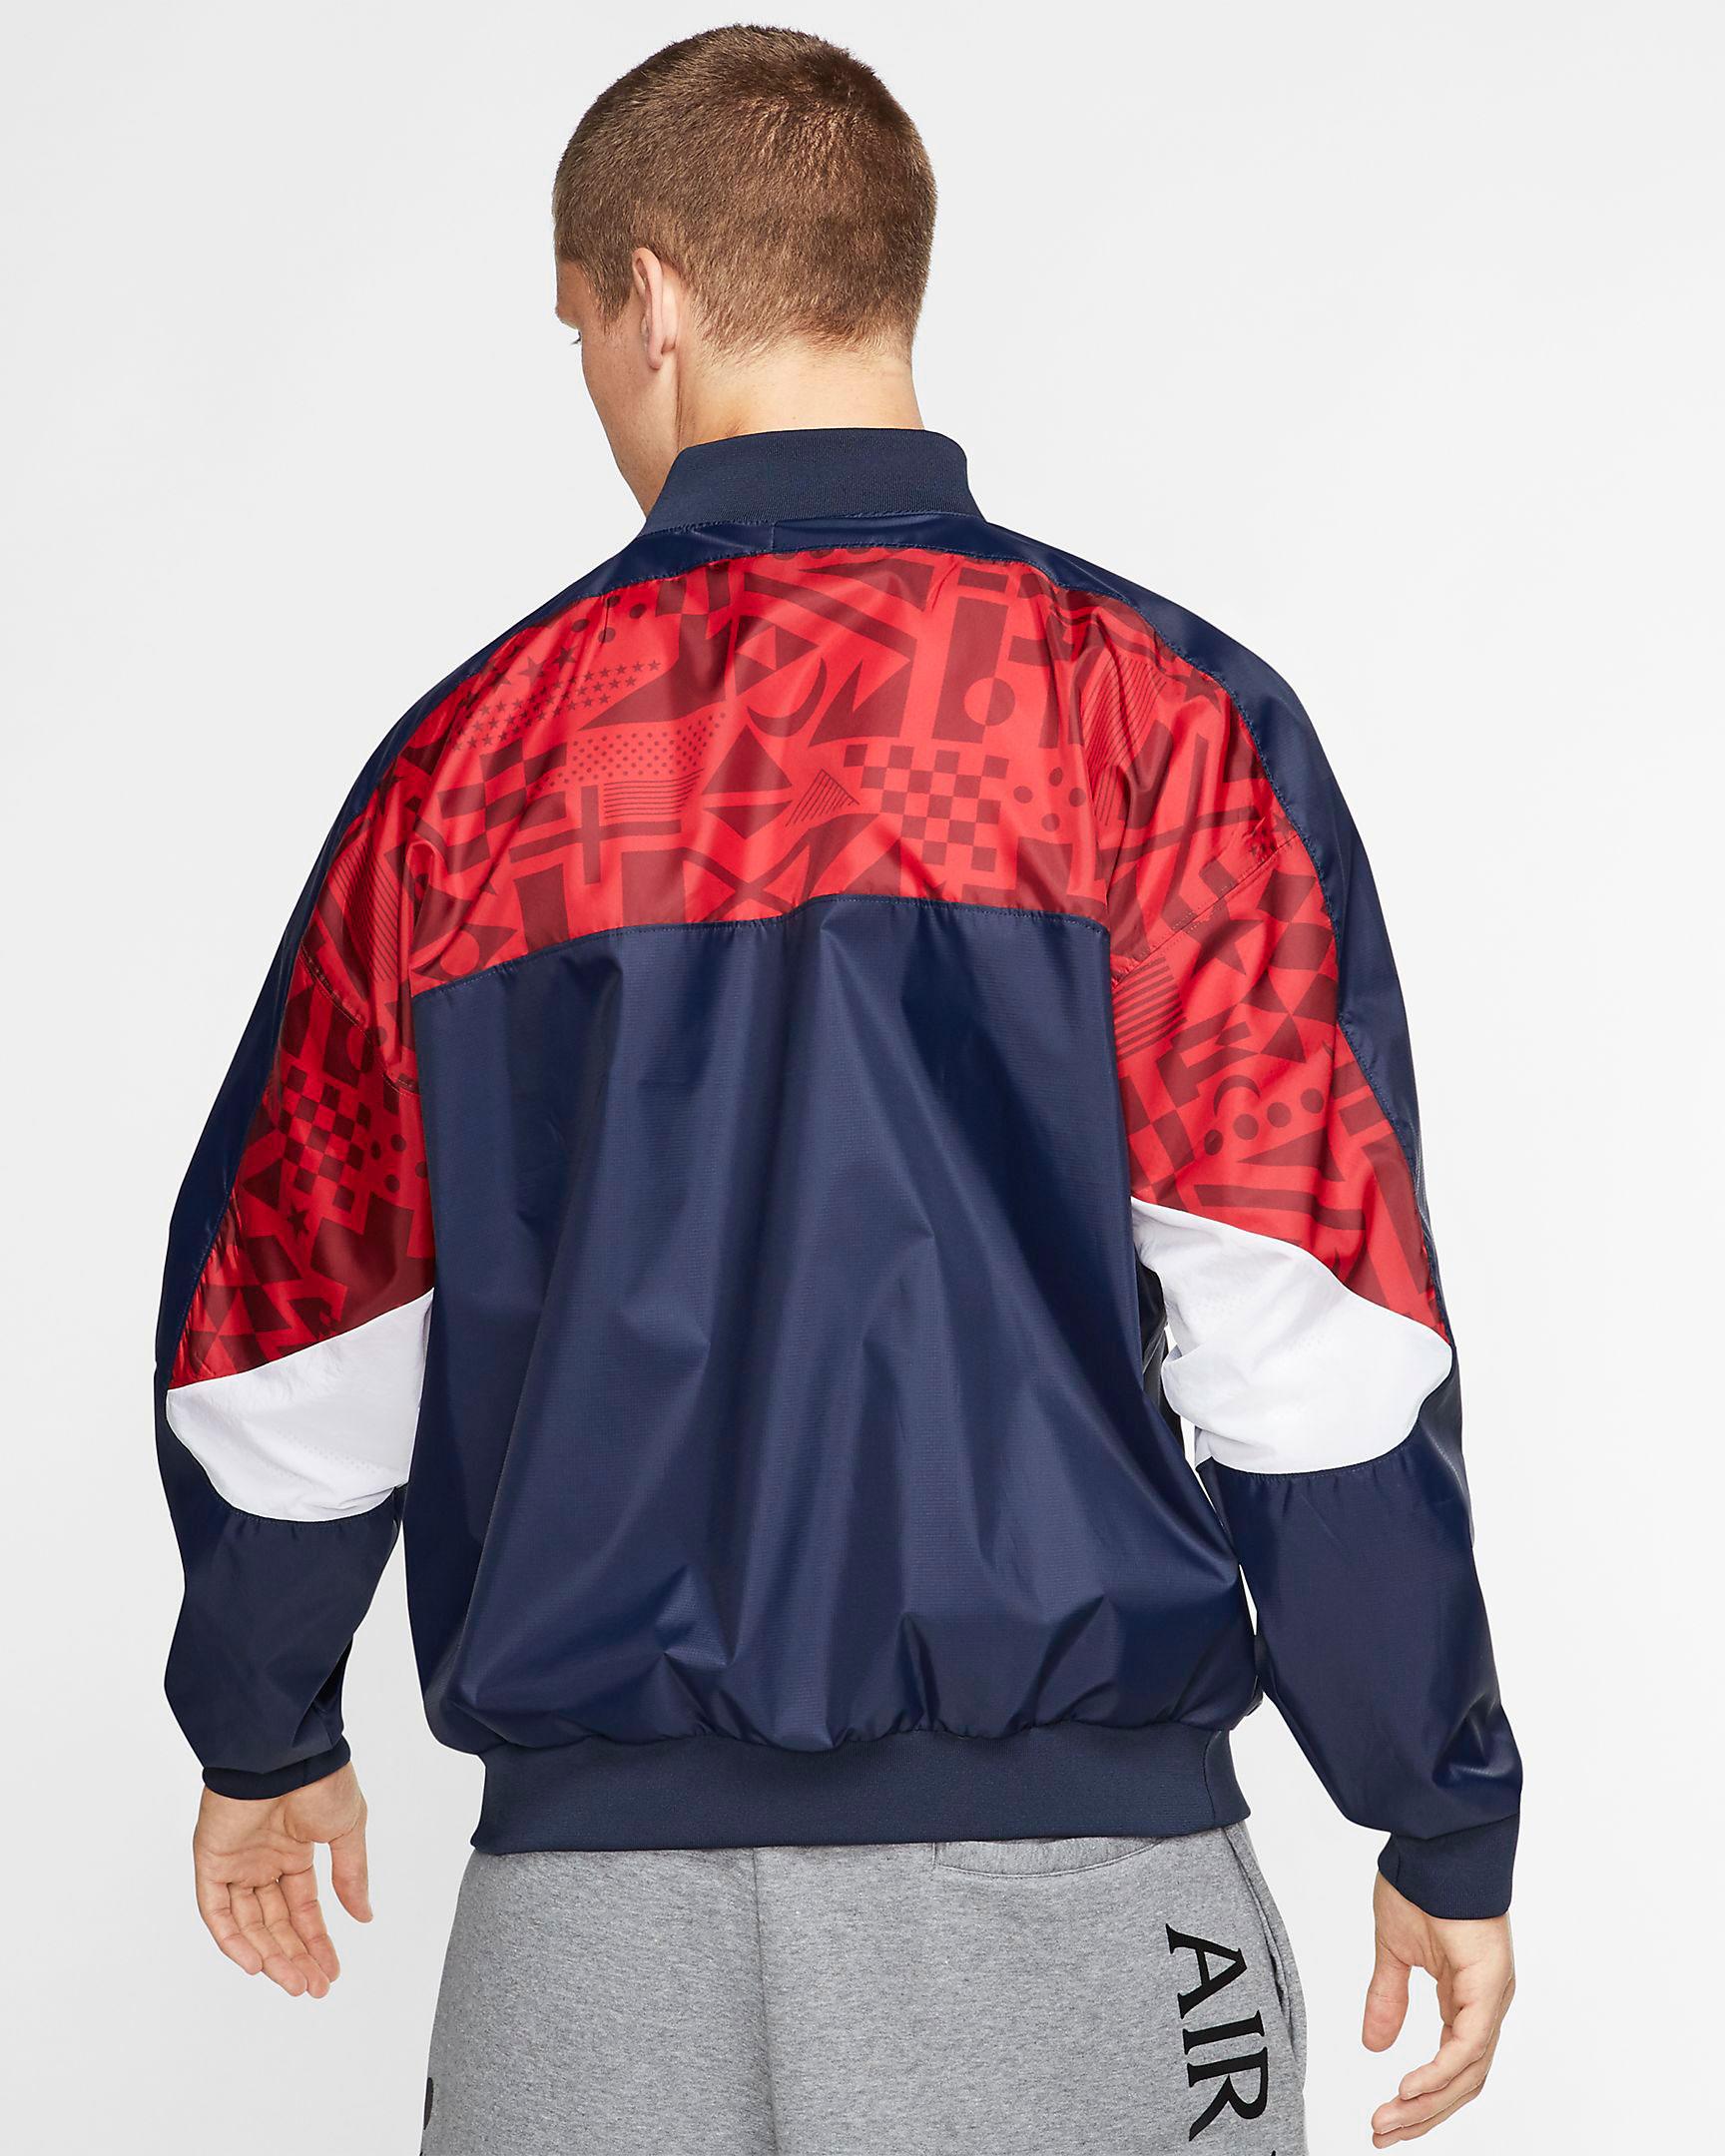 fiba-jordan-4-jacket-3